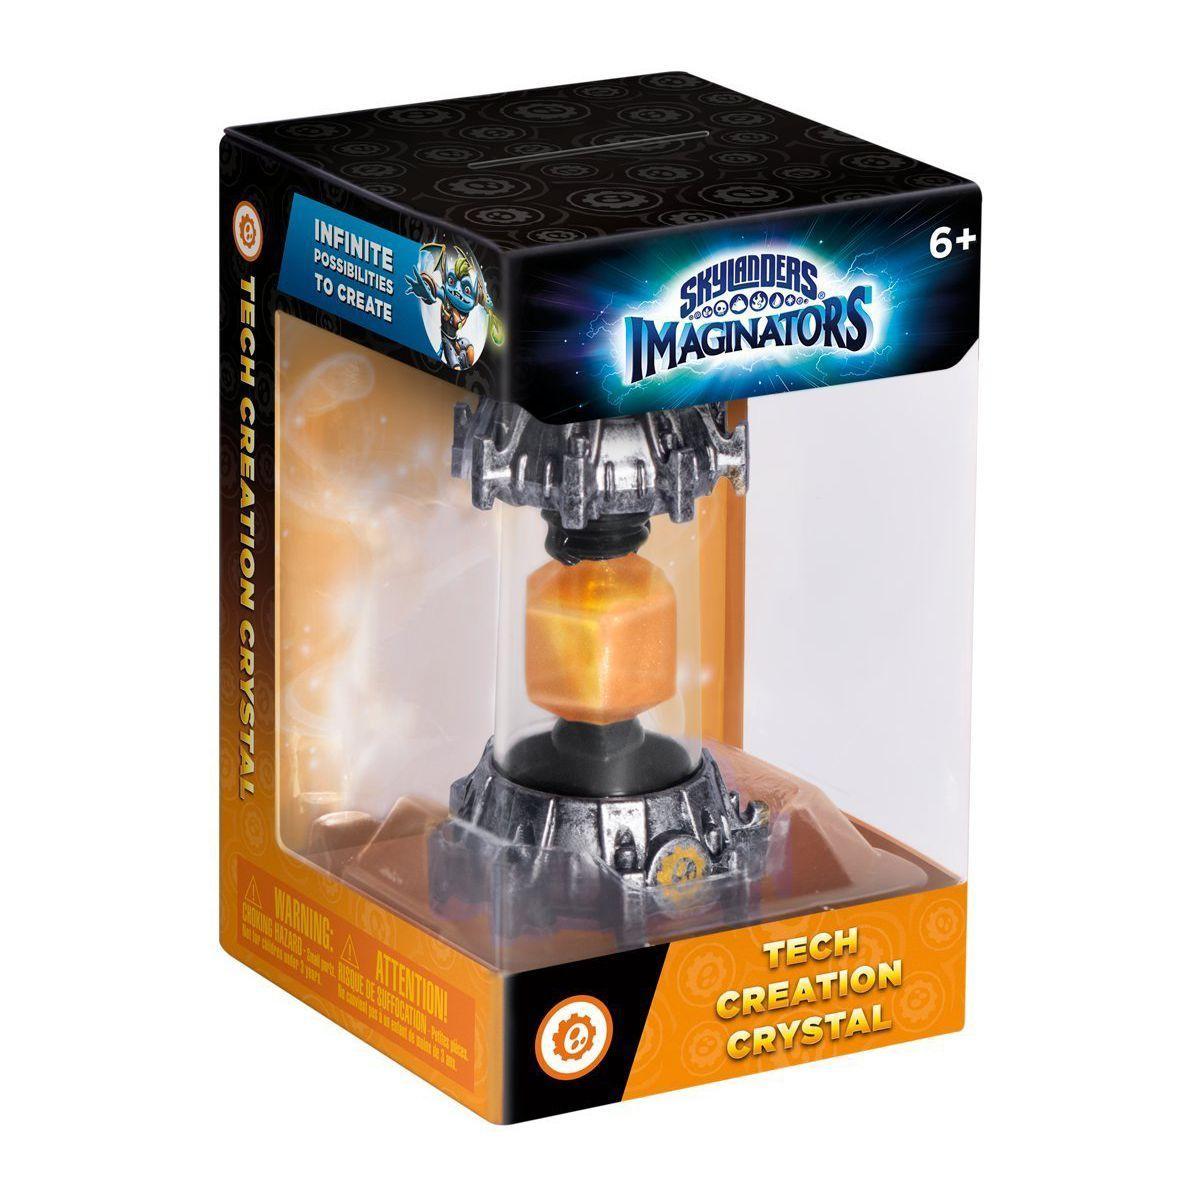 Figurine activision cristaux - cristal t - 3% de remise immédiate avec le code : multi3 (photo)